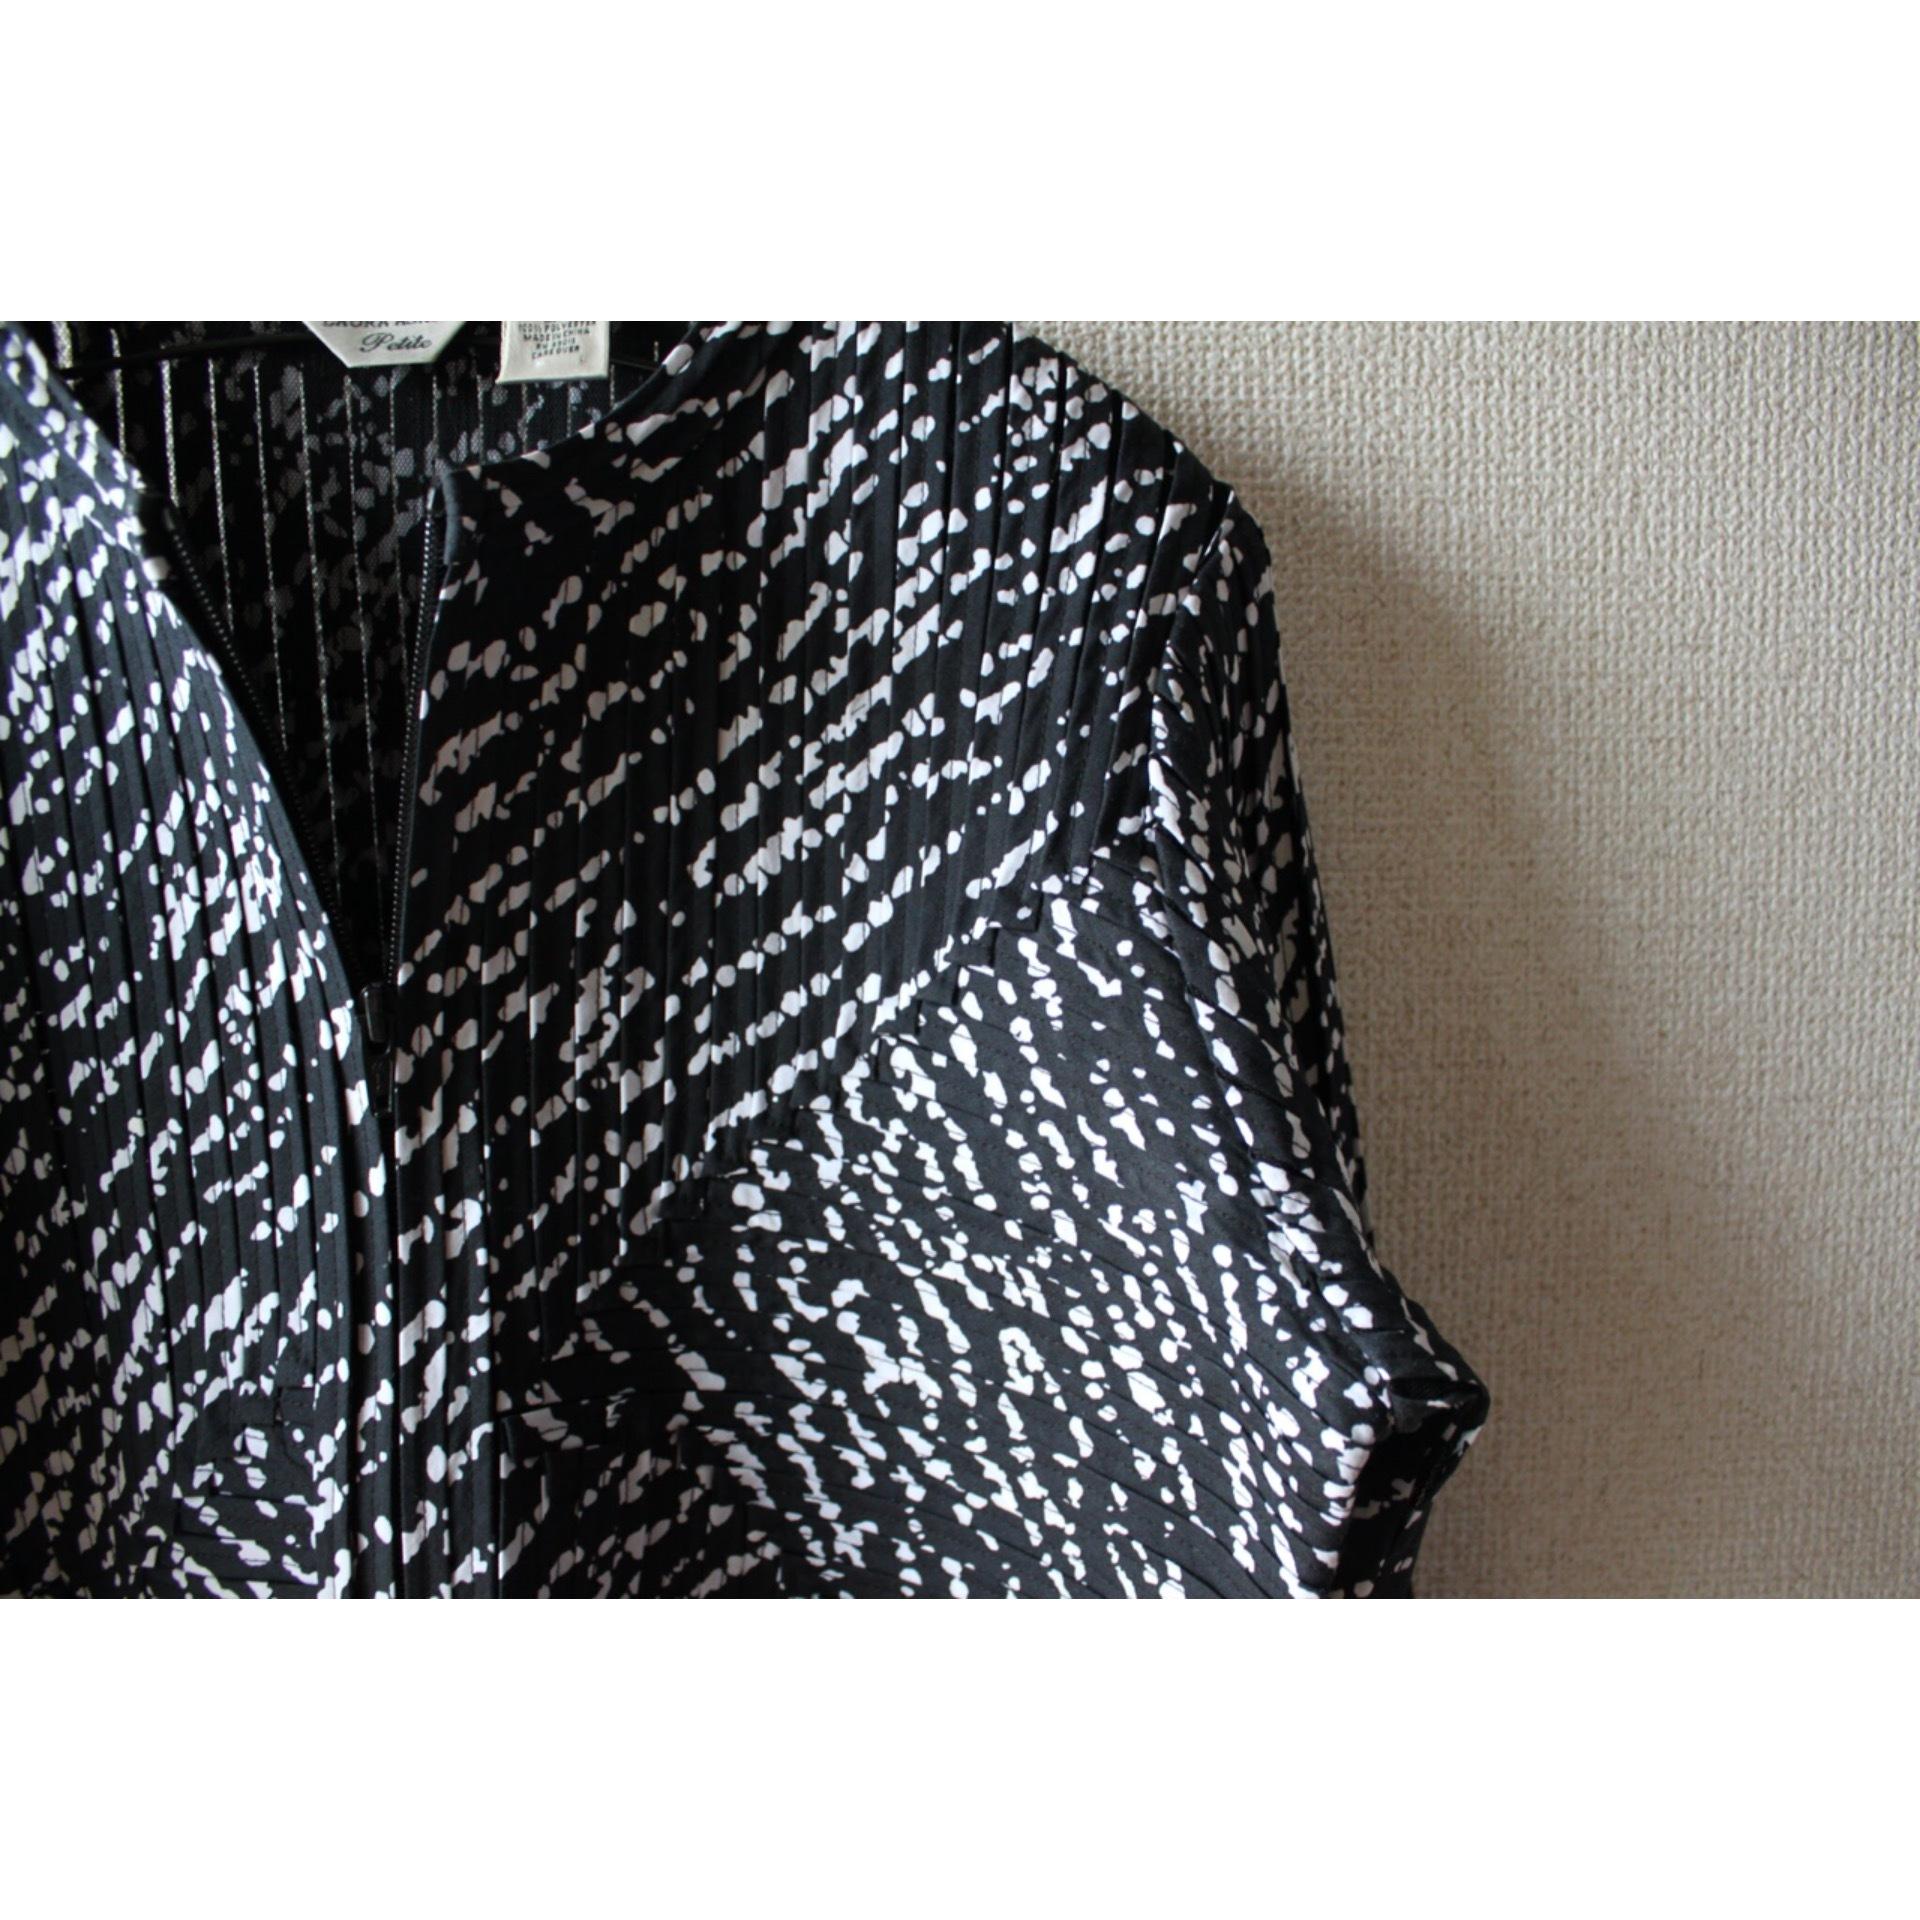 Vintage woven stripe shirt